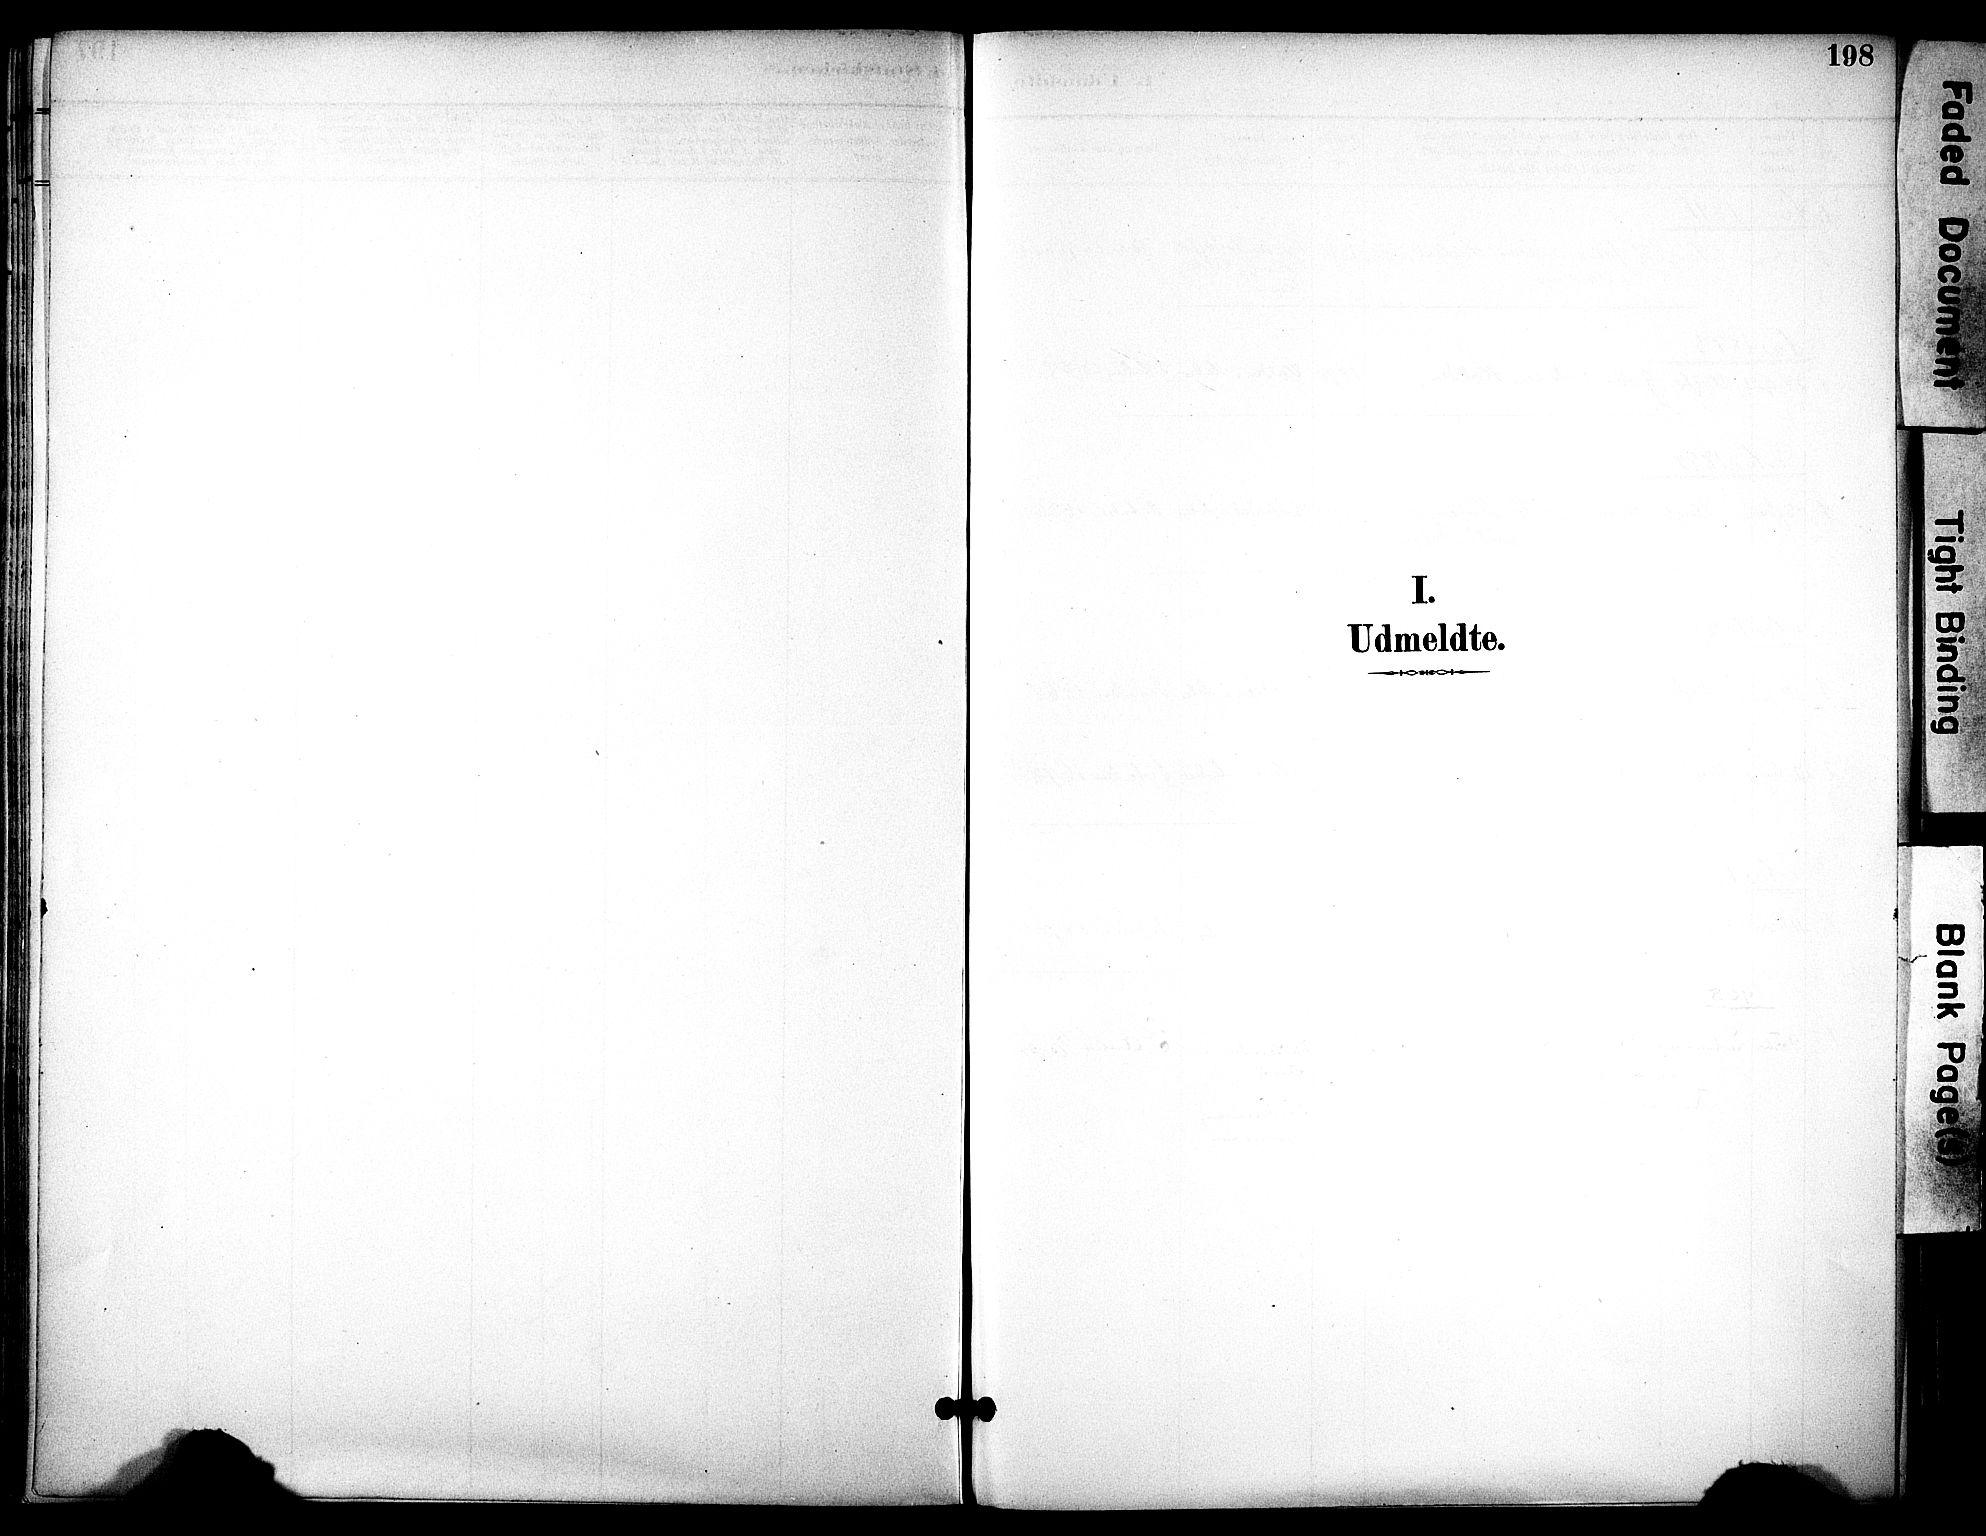 SAT, Ministerialprotokoller, klokkerbøker og fødselsregistre - Sør-Trøndelag, 686/L0984: Ministerialbok nr. 686A02, 1891-1906, s. 198